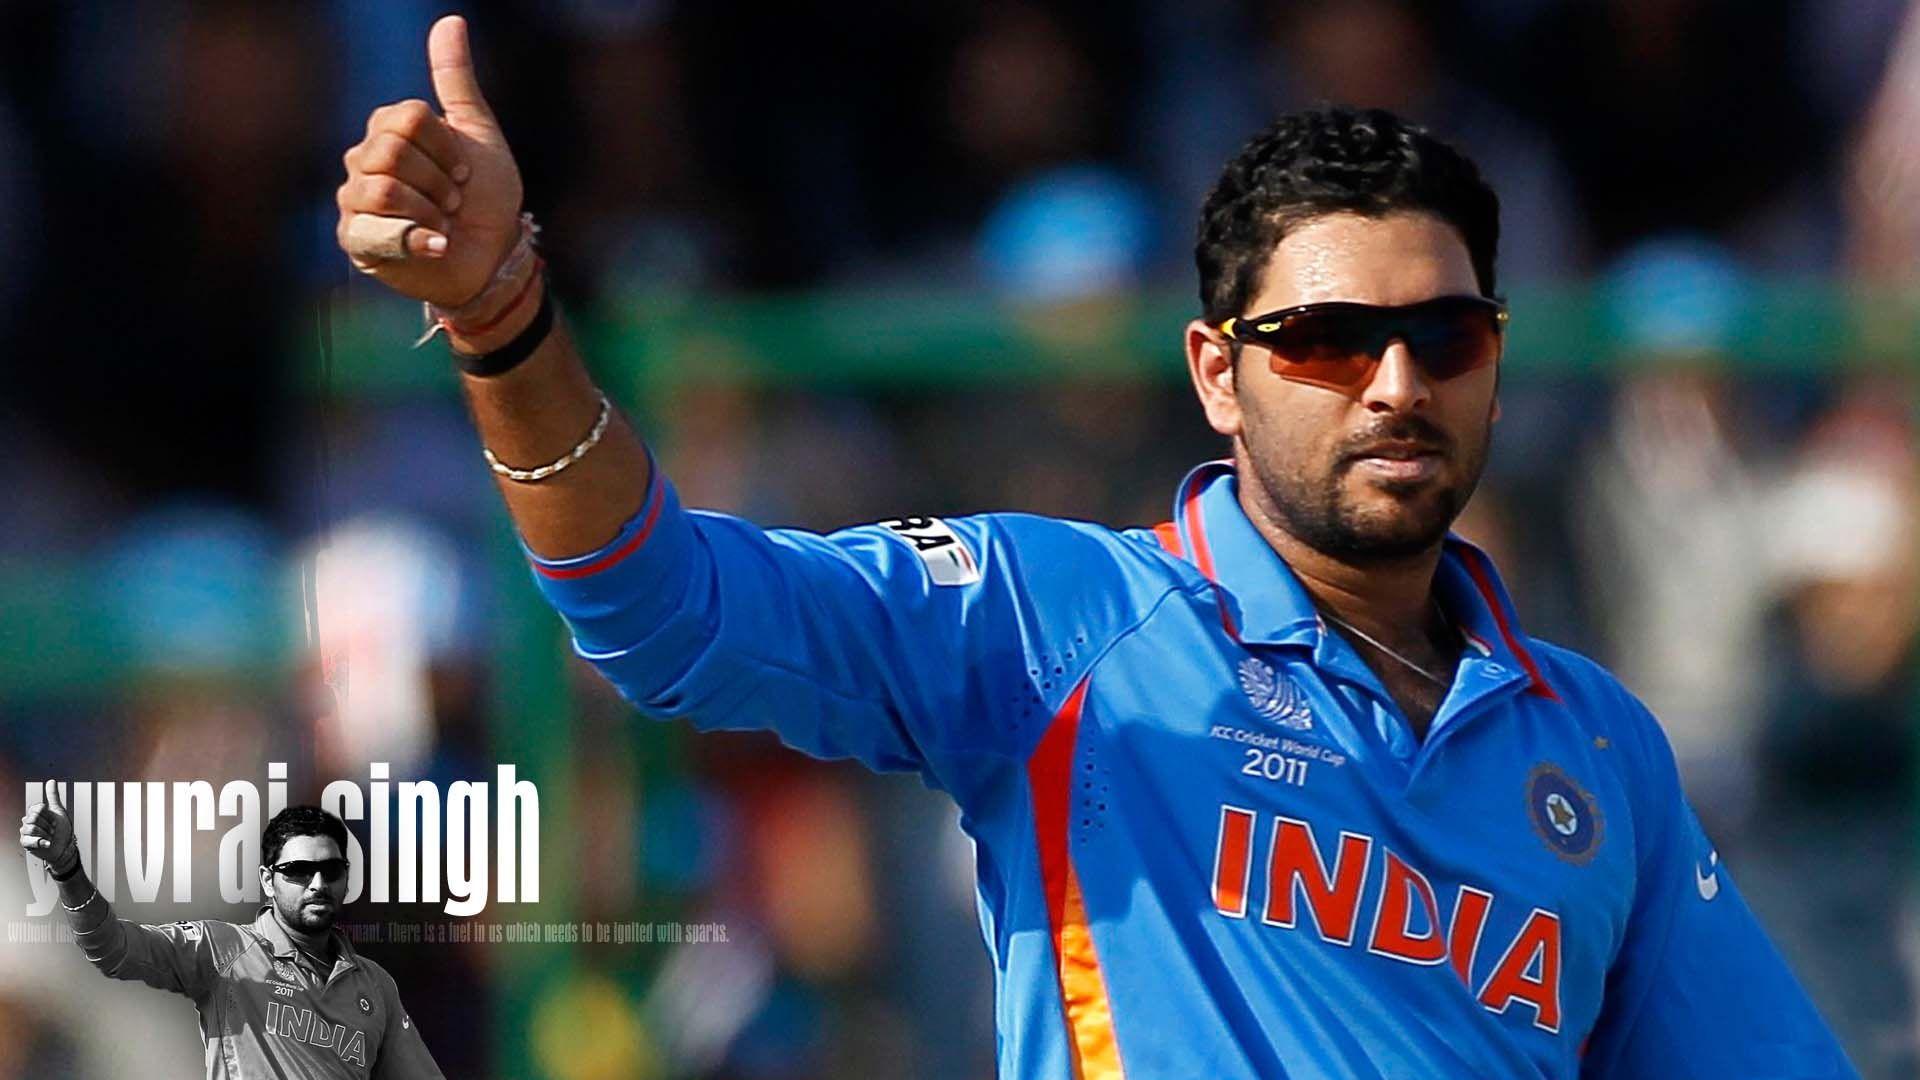 yuvraj singh indian cricketer wallpaper indian cricketer, wallpaper